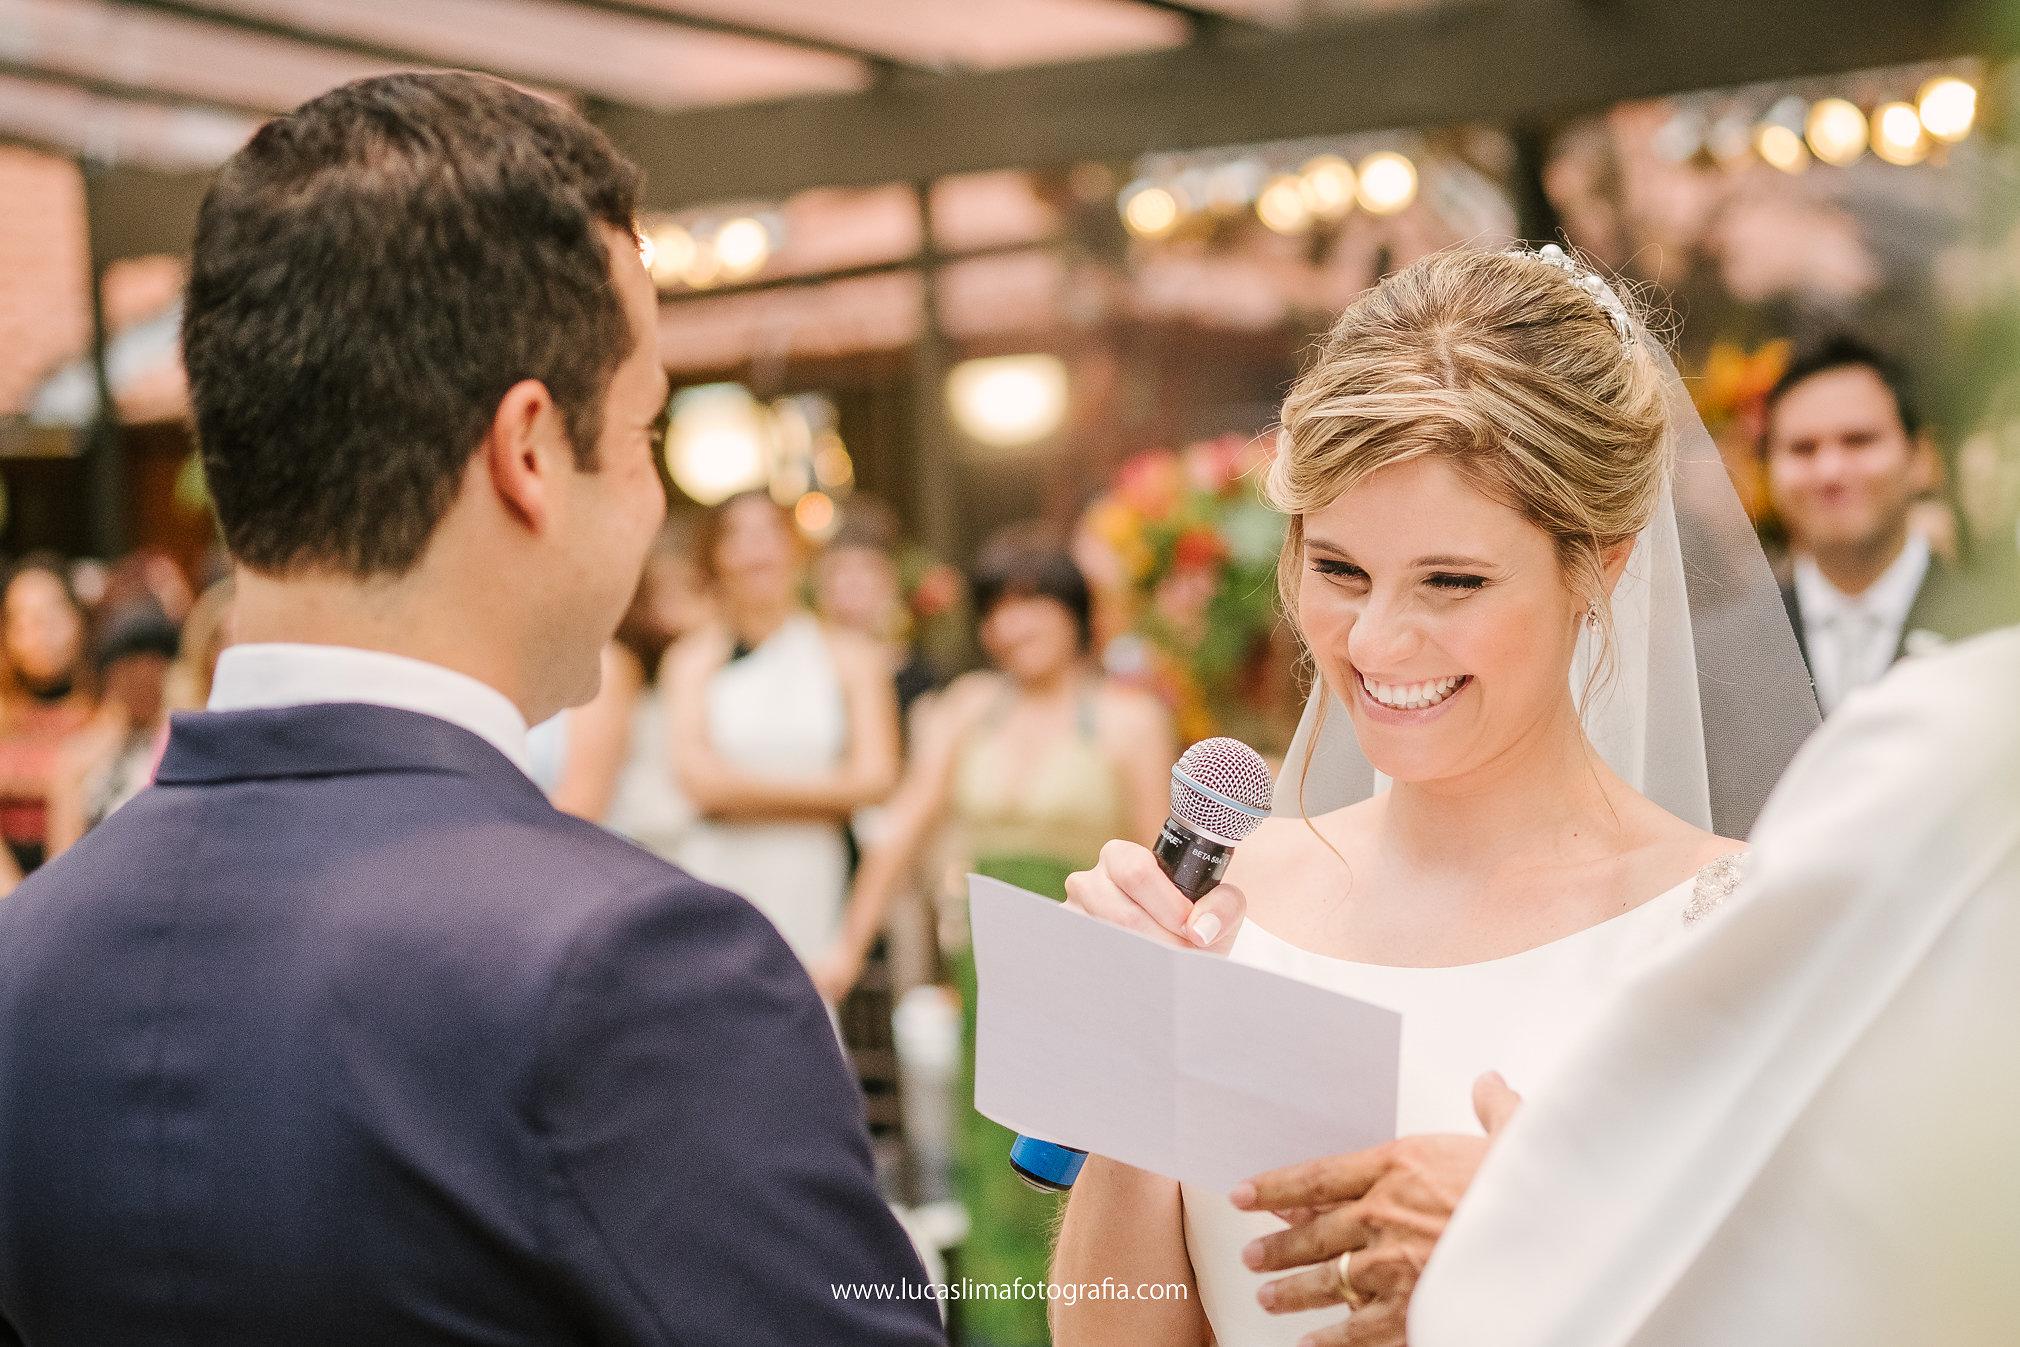 casamento-flavia-e-thomas-lucaslimafotografia-130